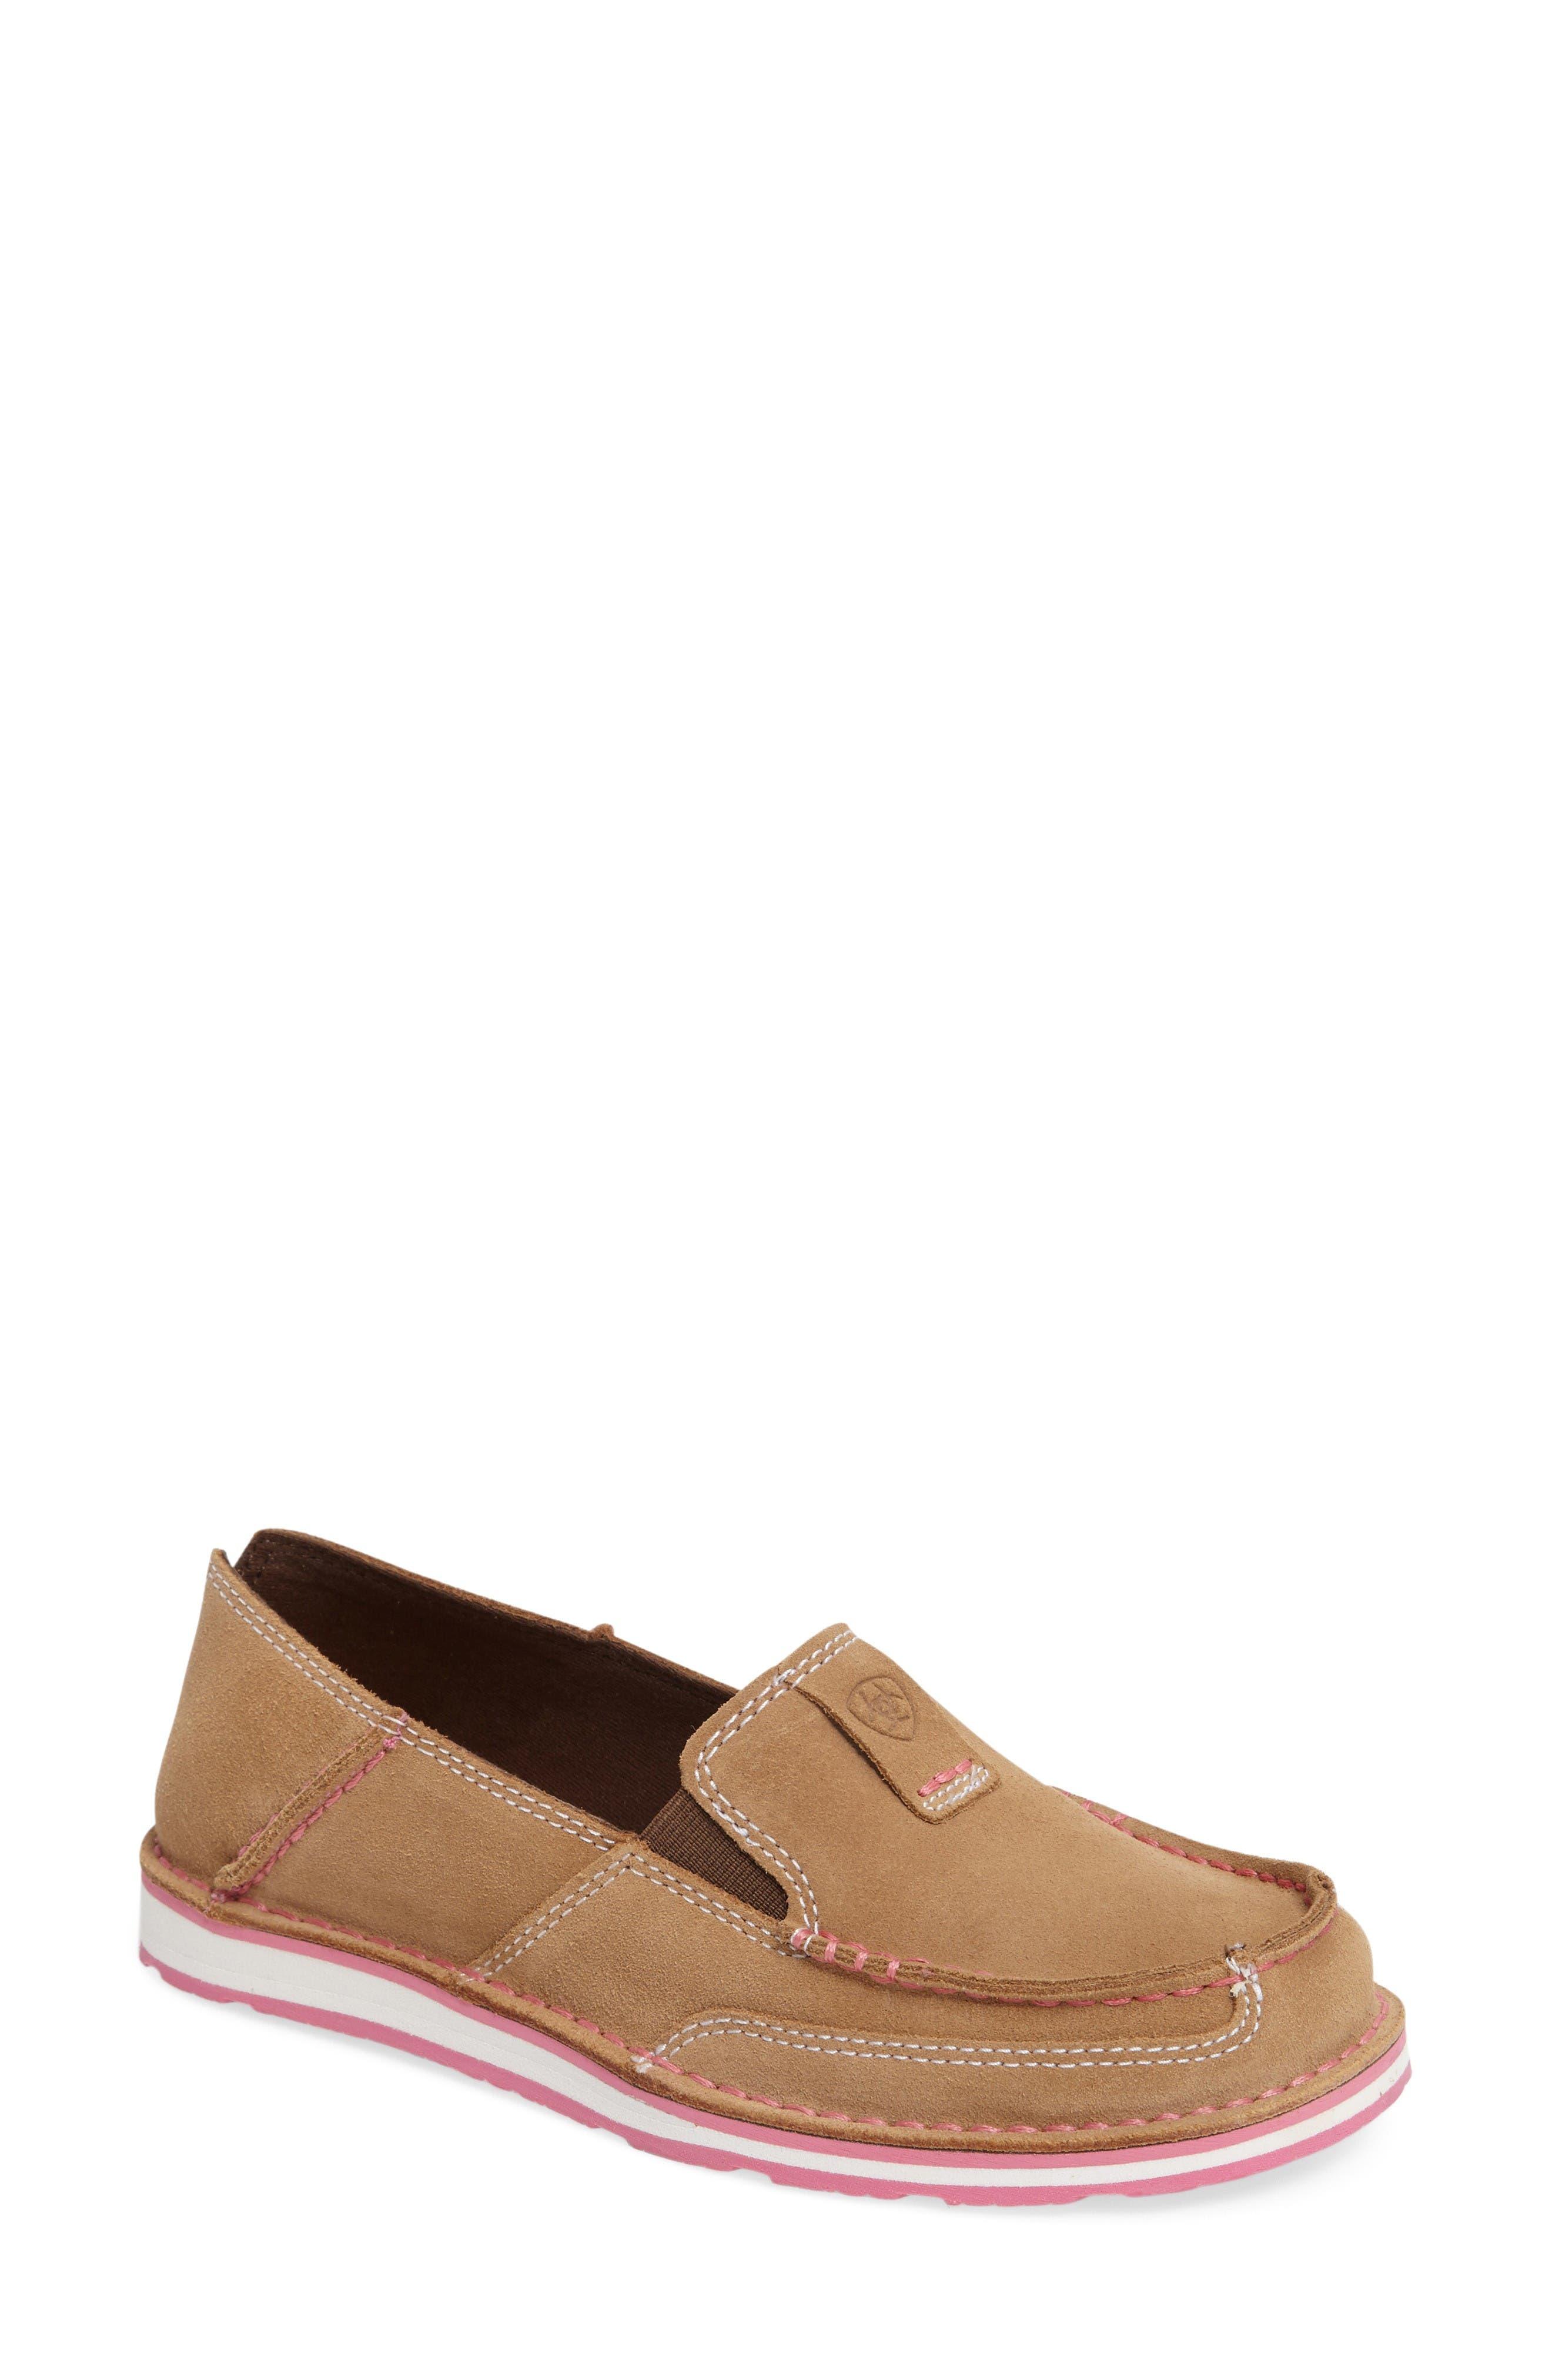 Ariat Cruiser Slip-On Loafer (Women)